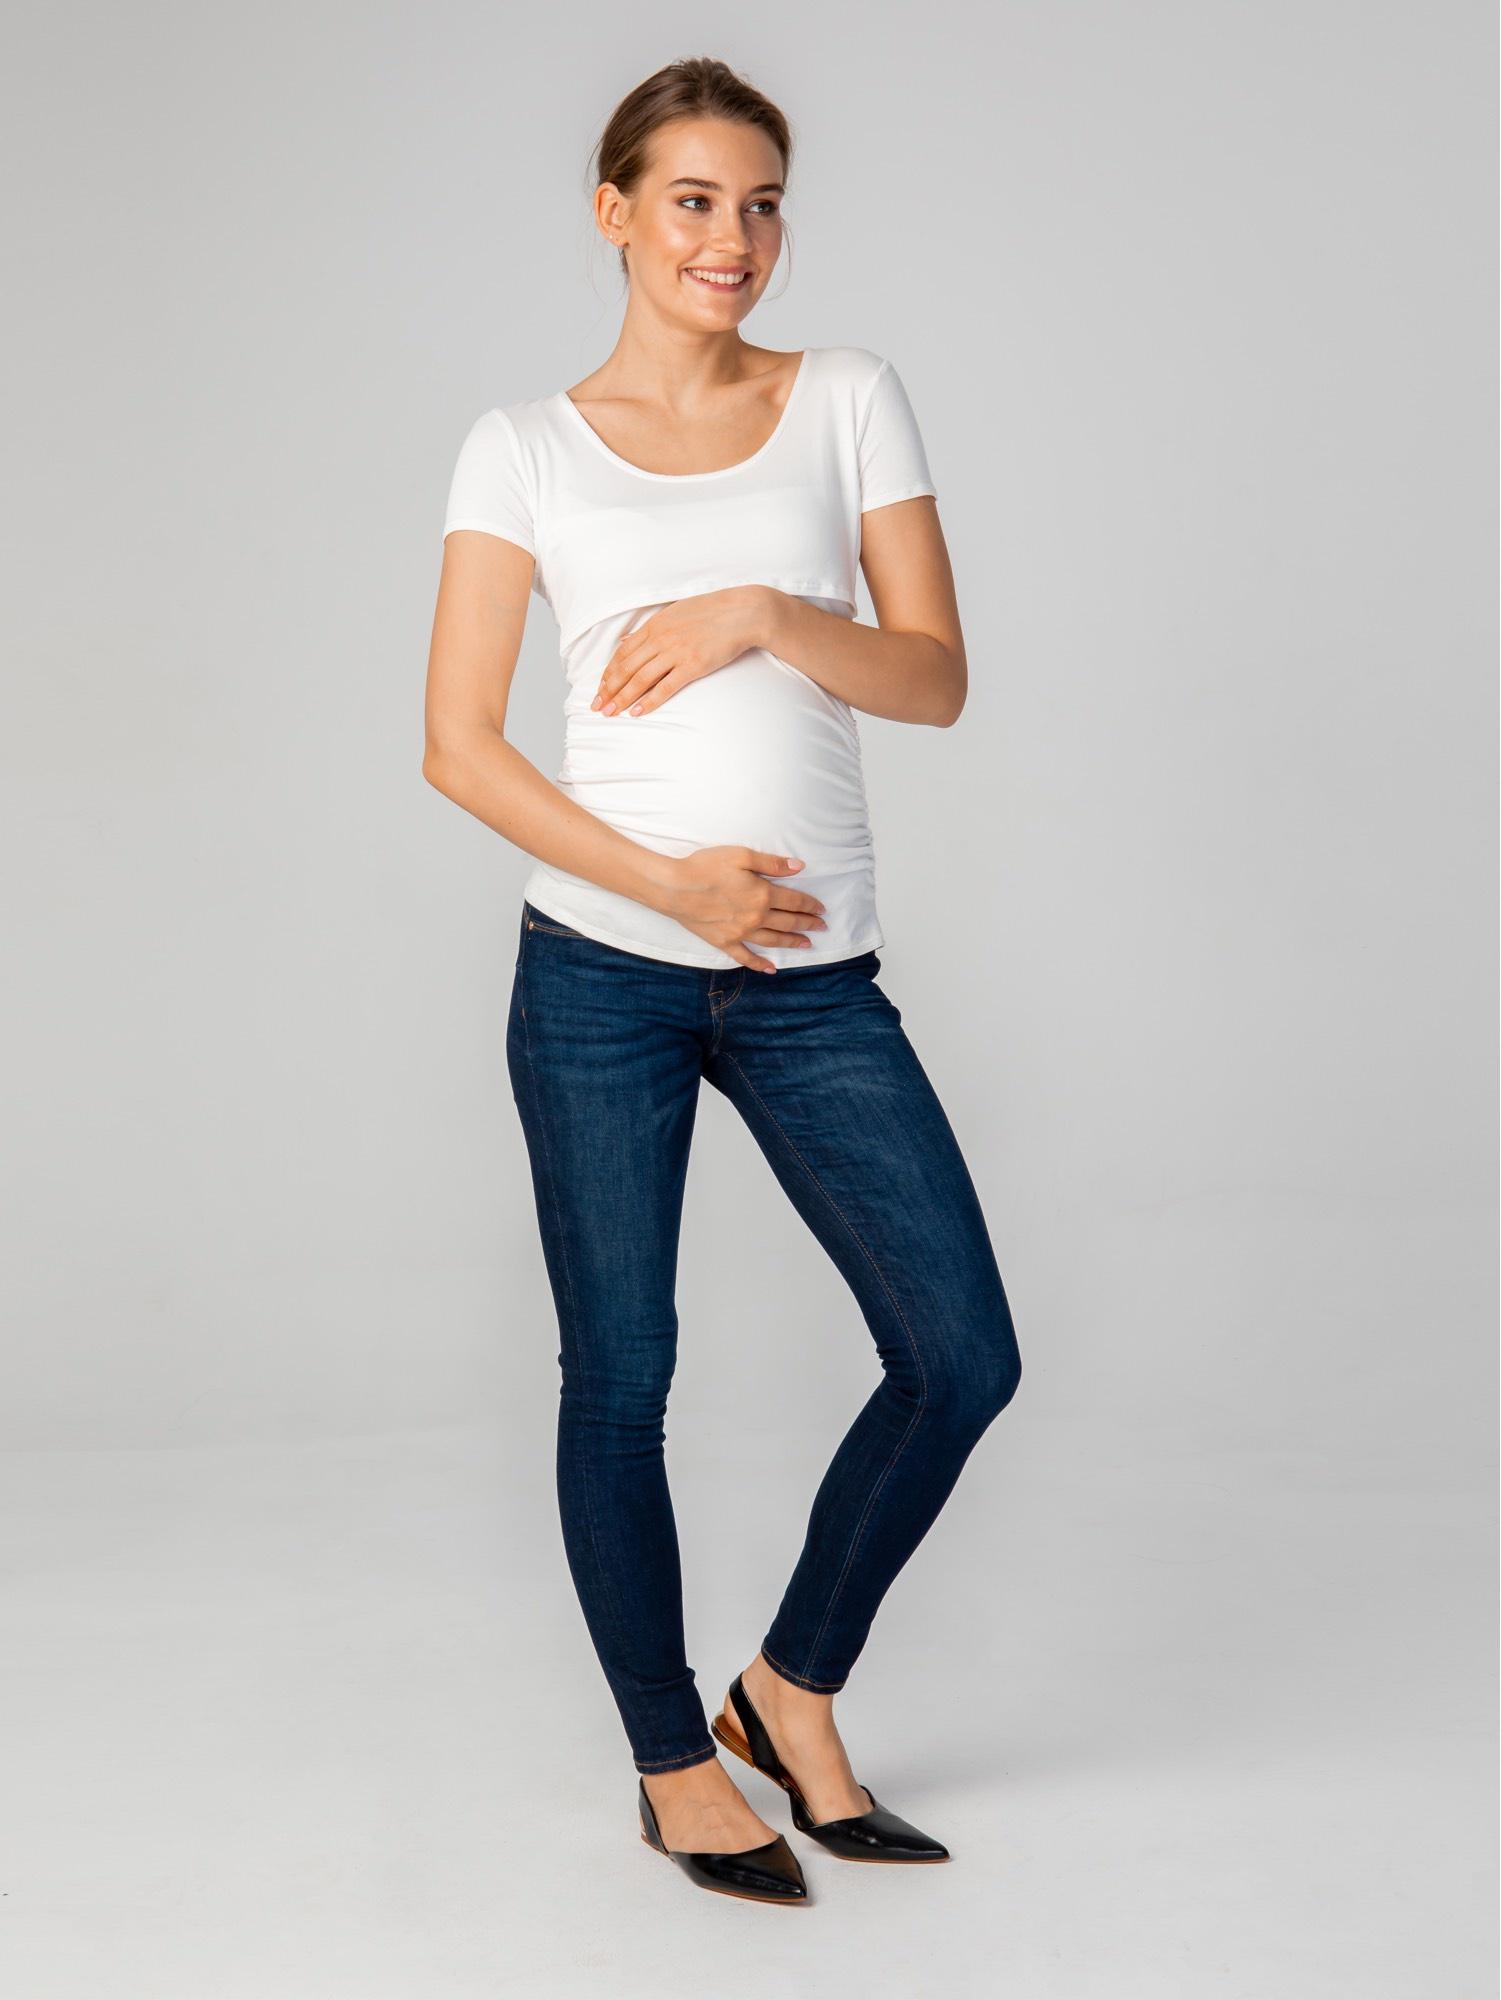 Футболка Pangnancy для беременных гимнастика на последних сроках беременности